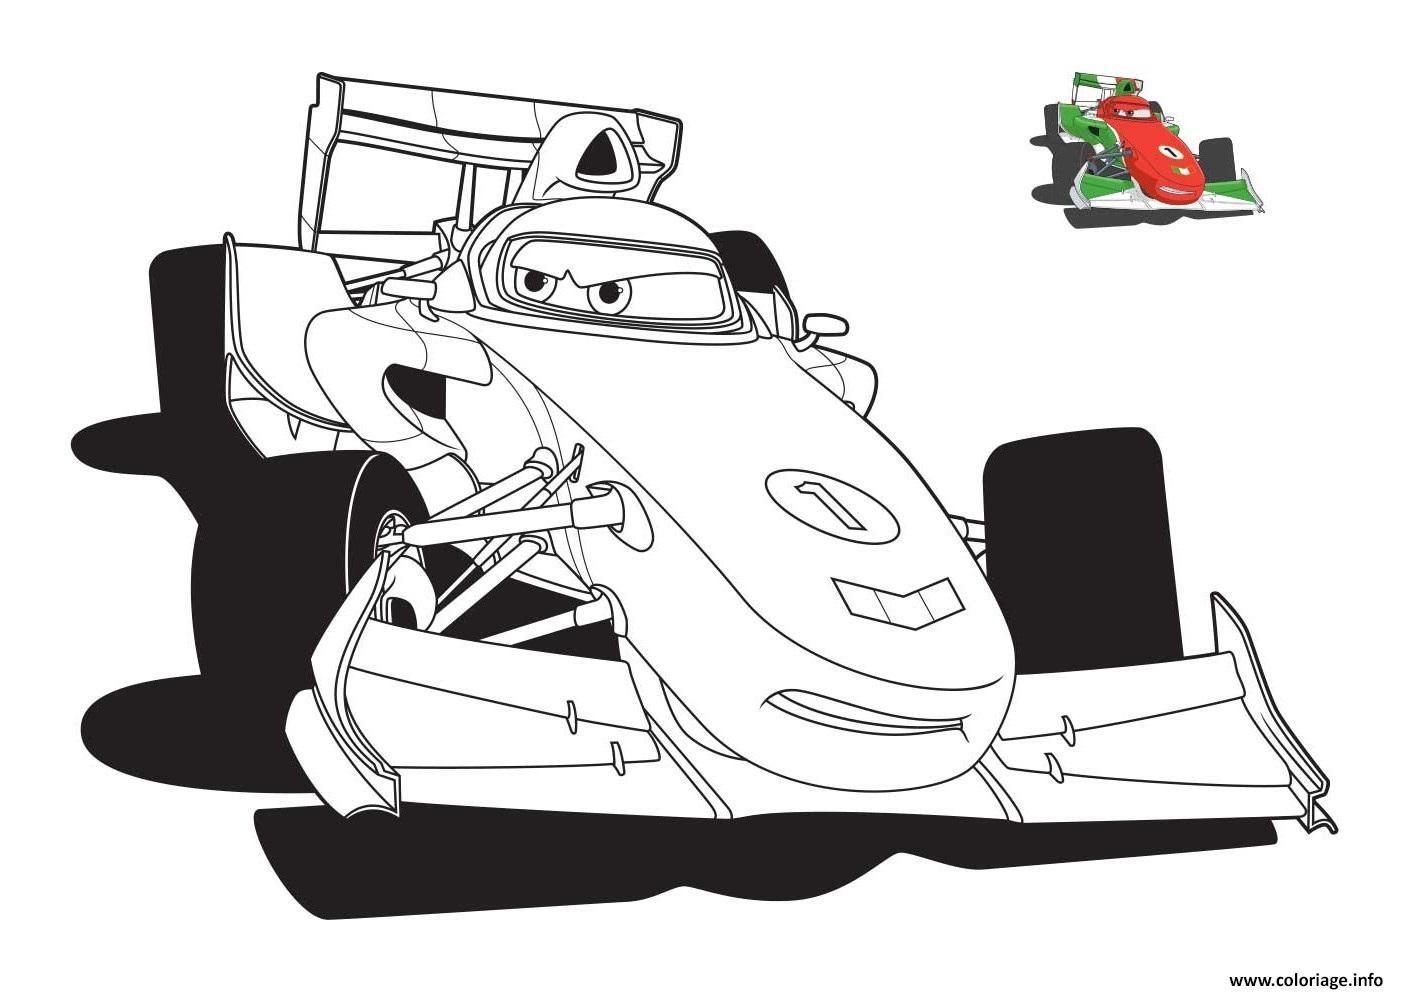 Coloriage Cars 3 Voiture De Course Verte dessin